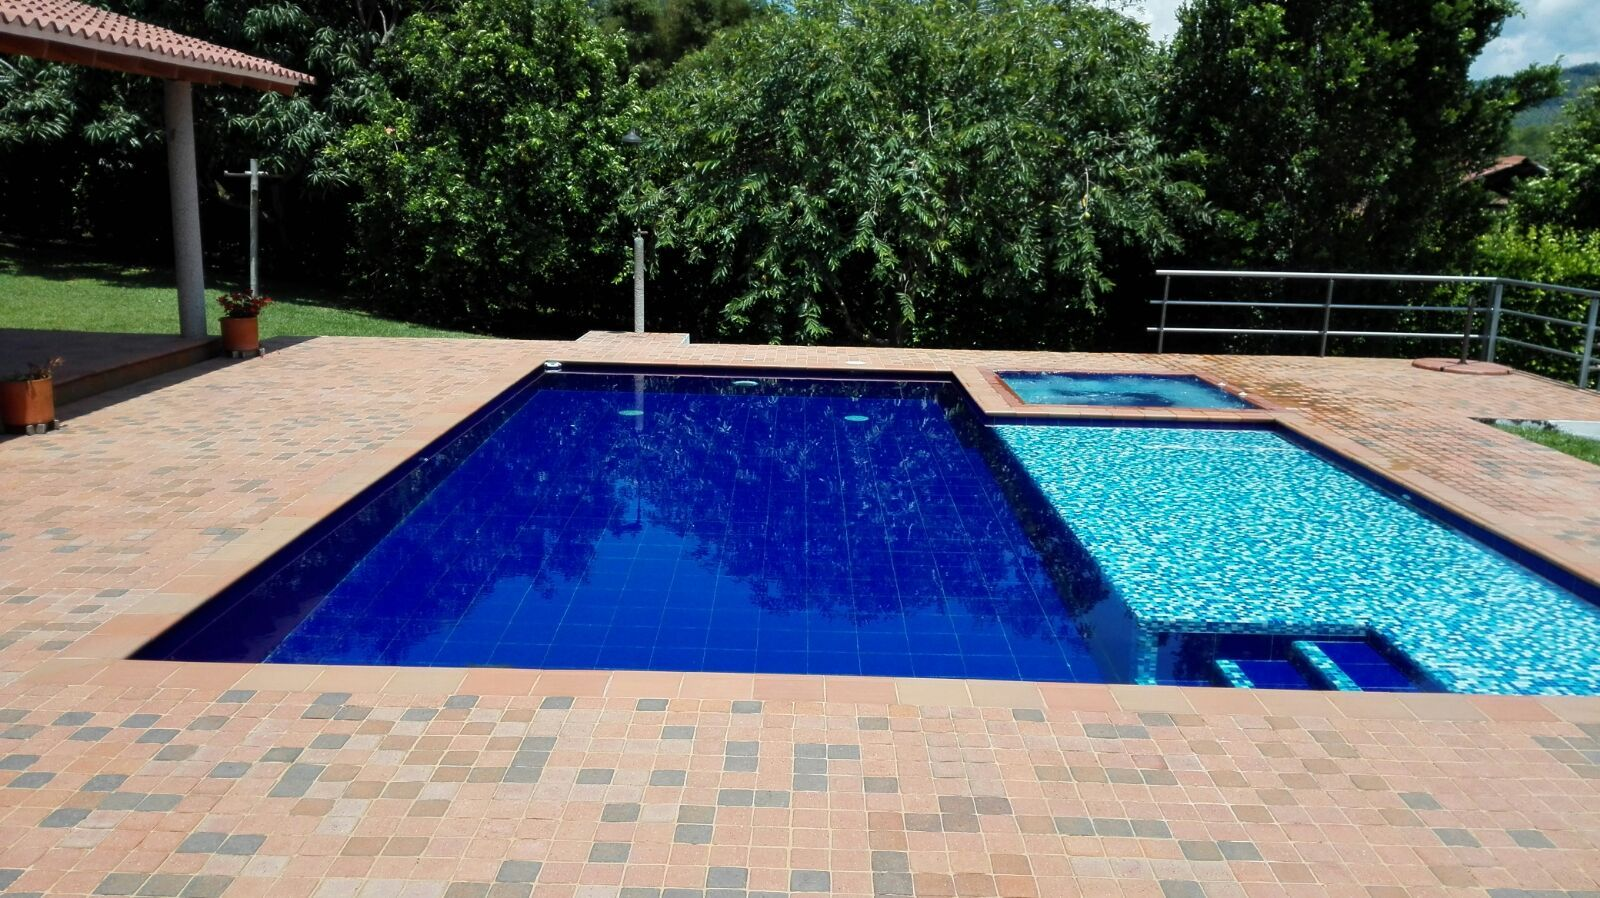 Piscinas con jacuzzi piscinas para patios pequeos precios for Piscinas con jacuzzi precio